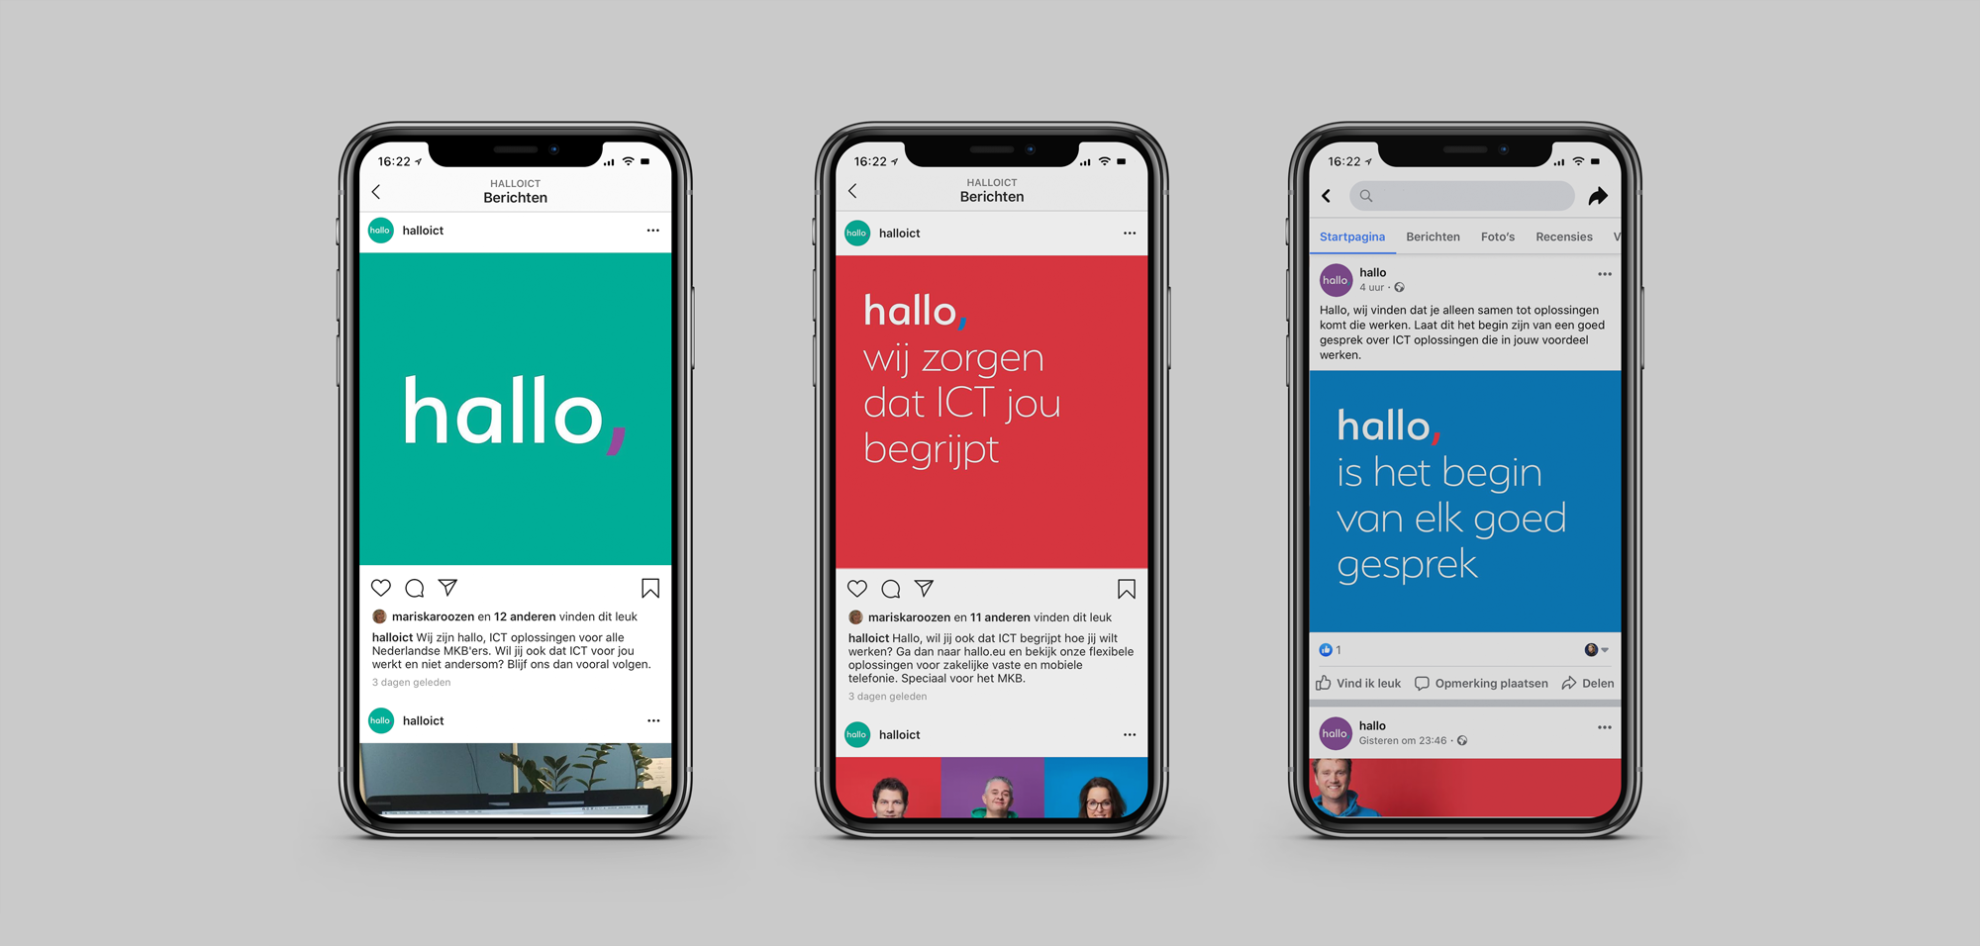 3x-iphone-met-posts-hallo